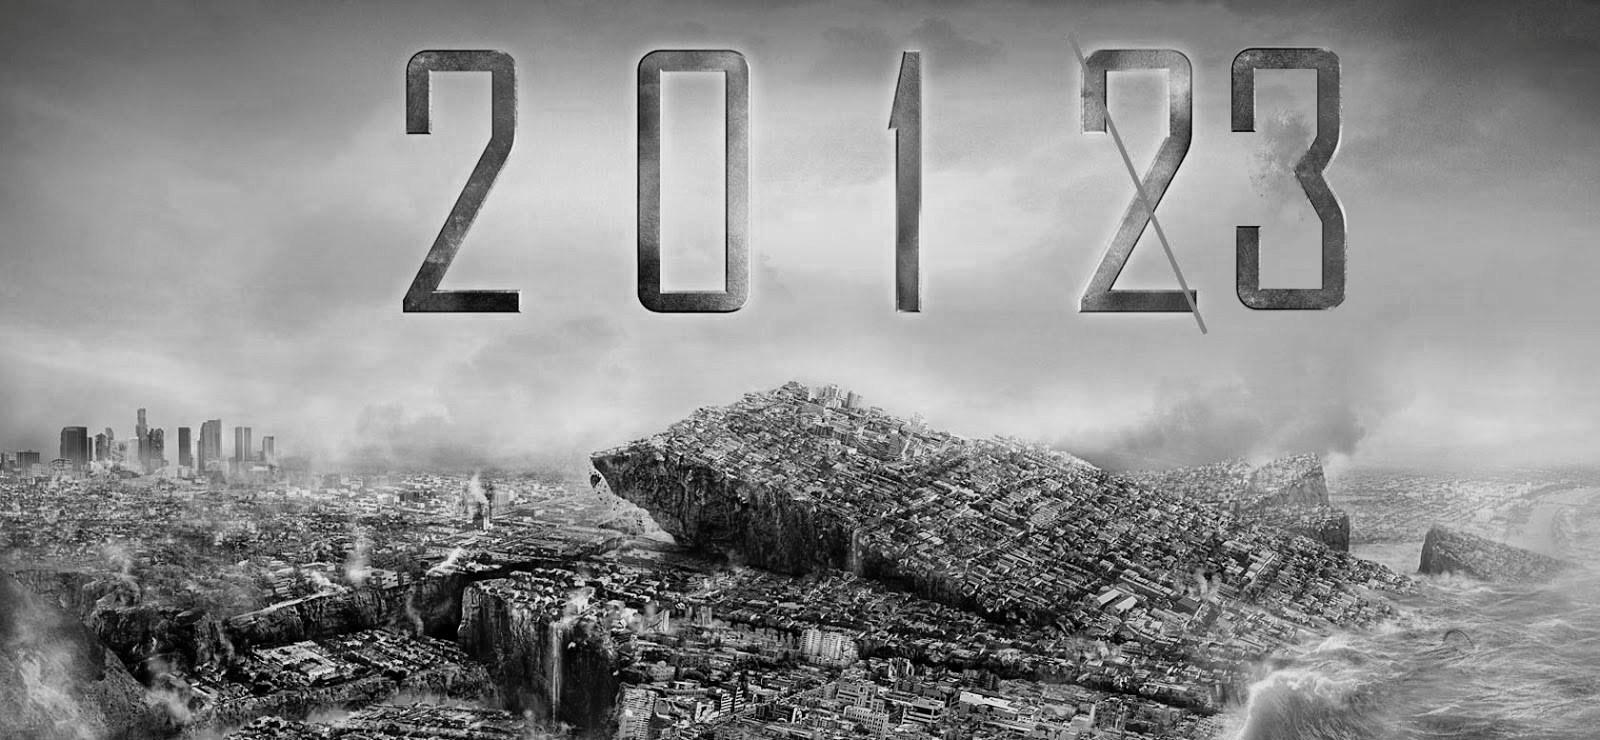 2013 movie